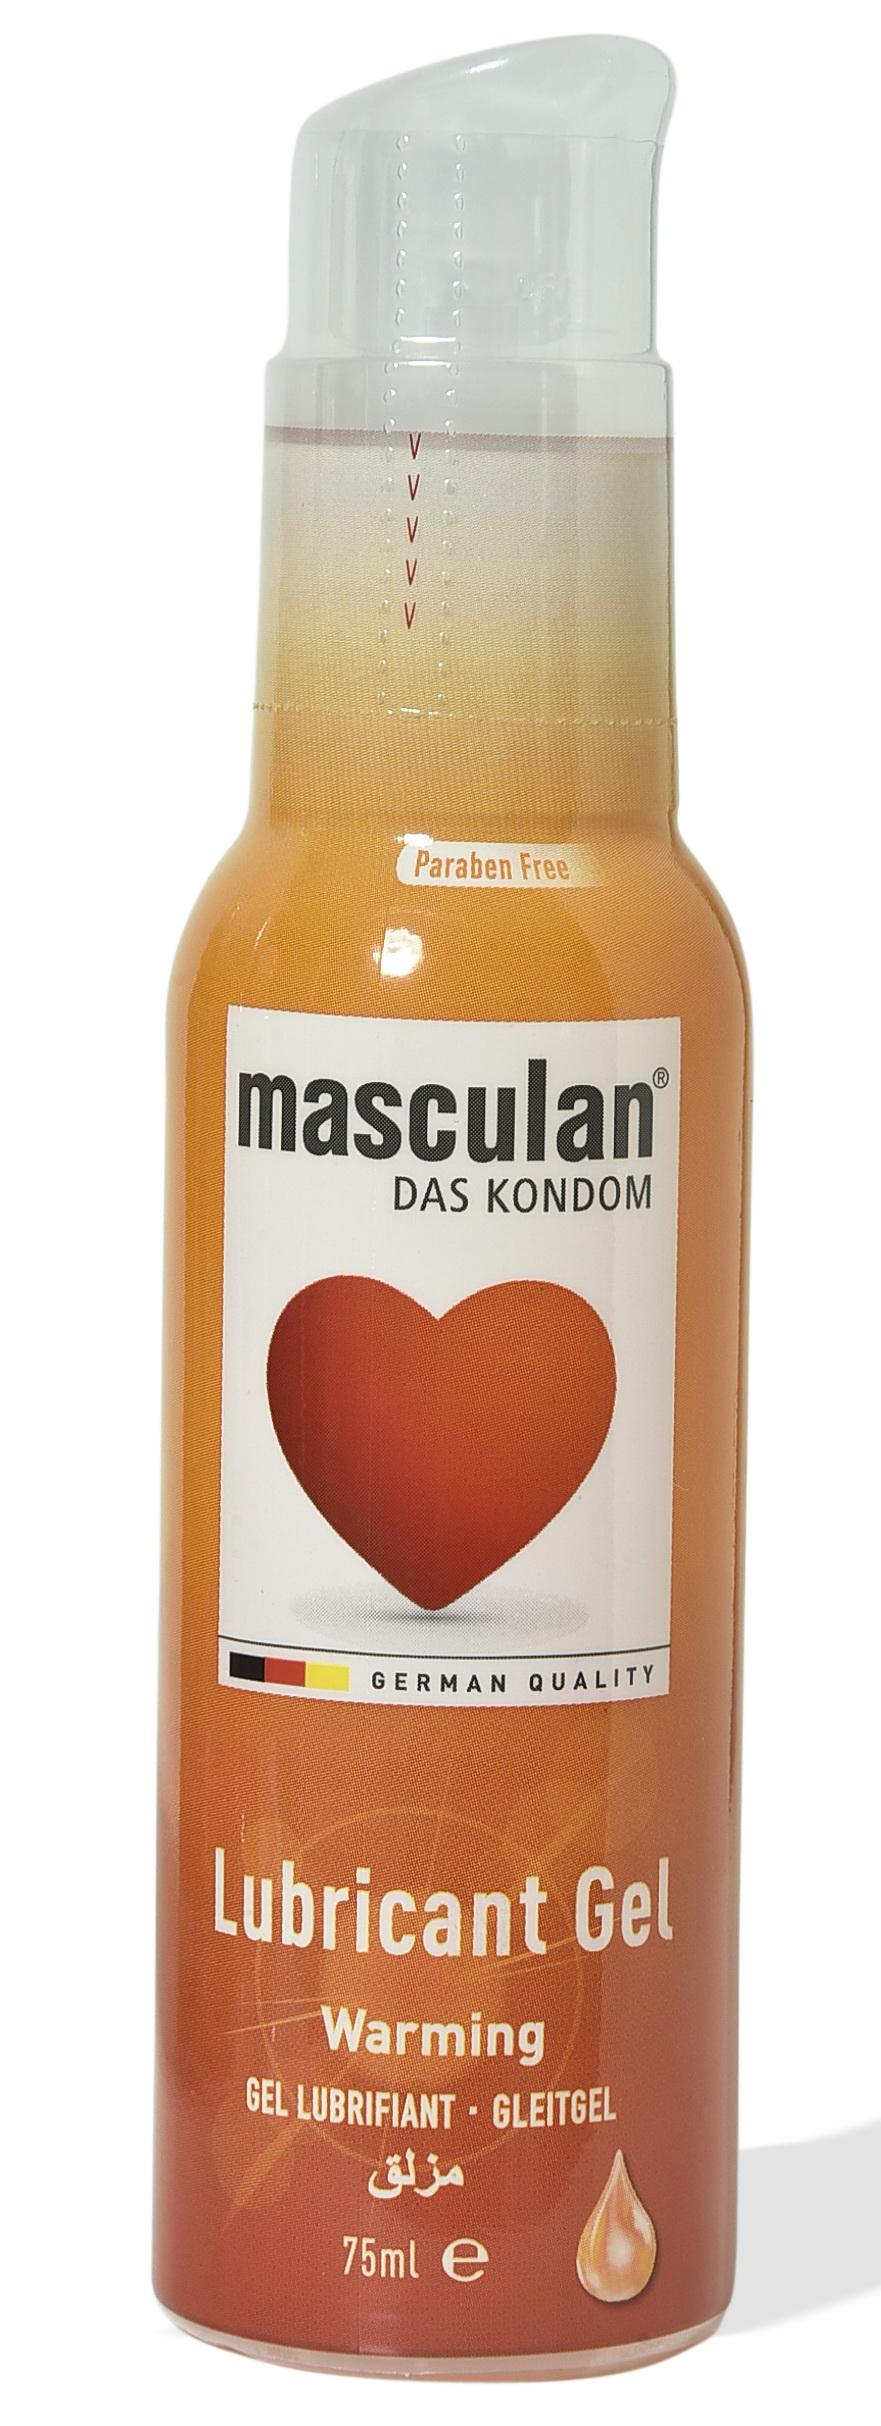 Masculan warming 75ml